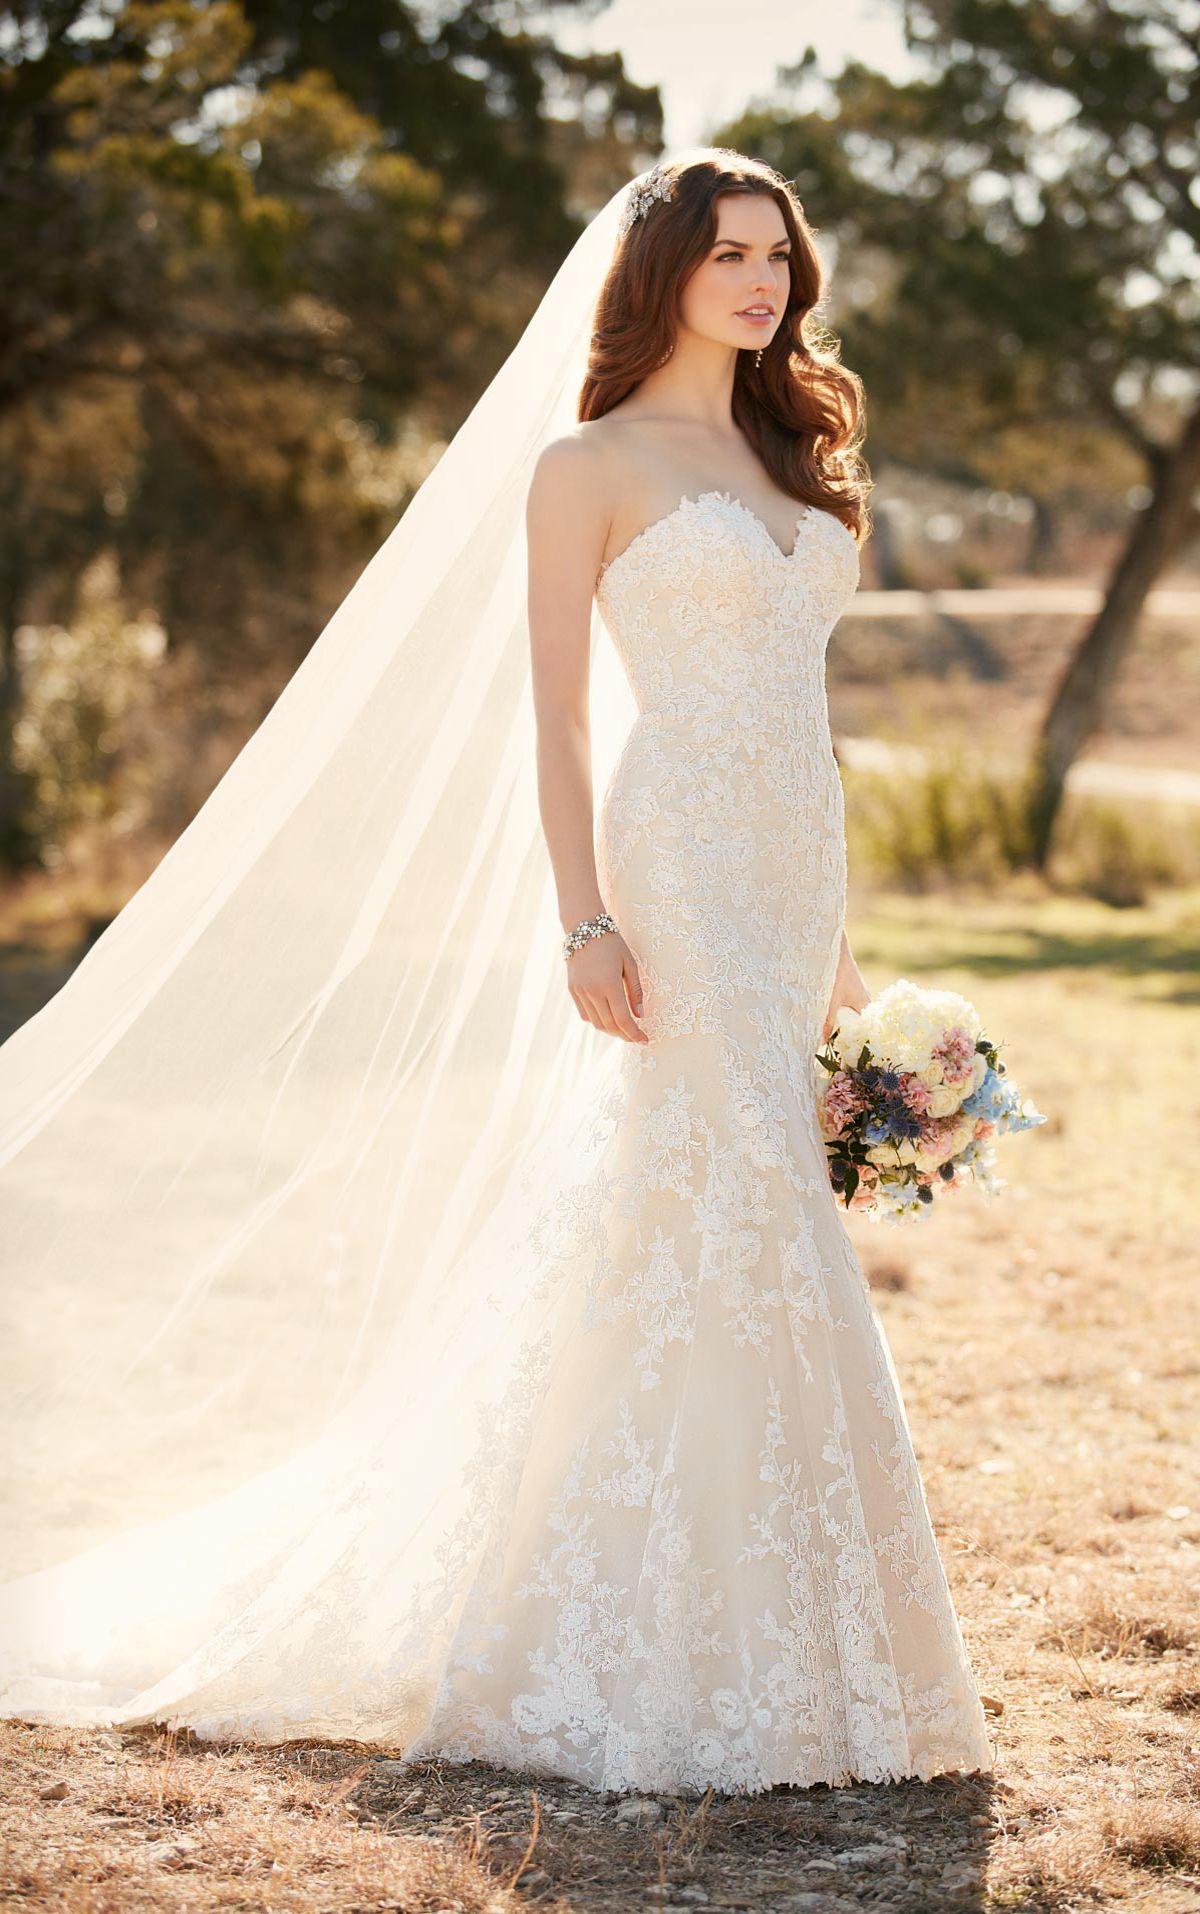 Godet Brautkleid aus Spitze | Pinterest | Pailletten, Tüll und ...